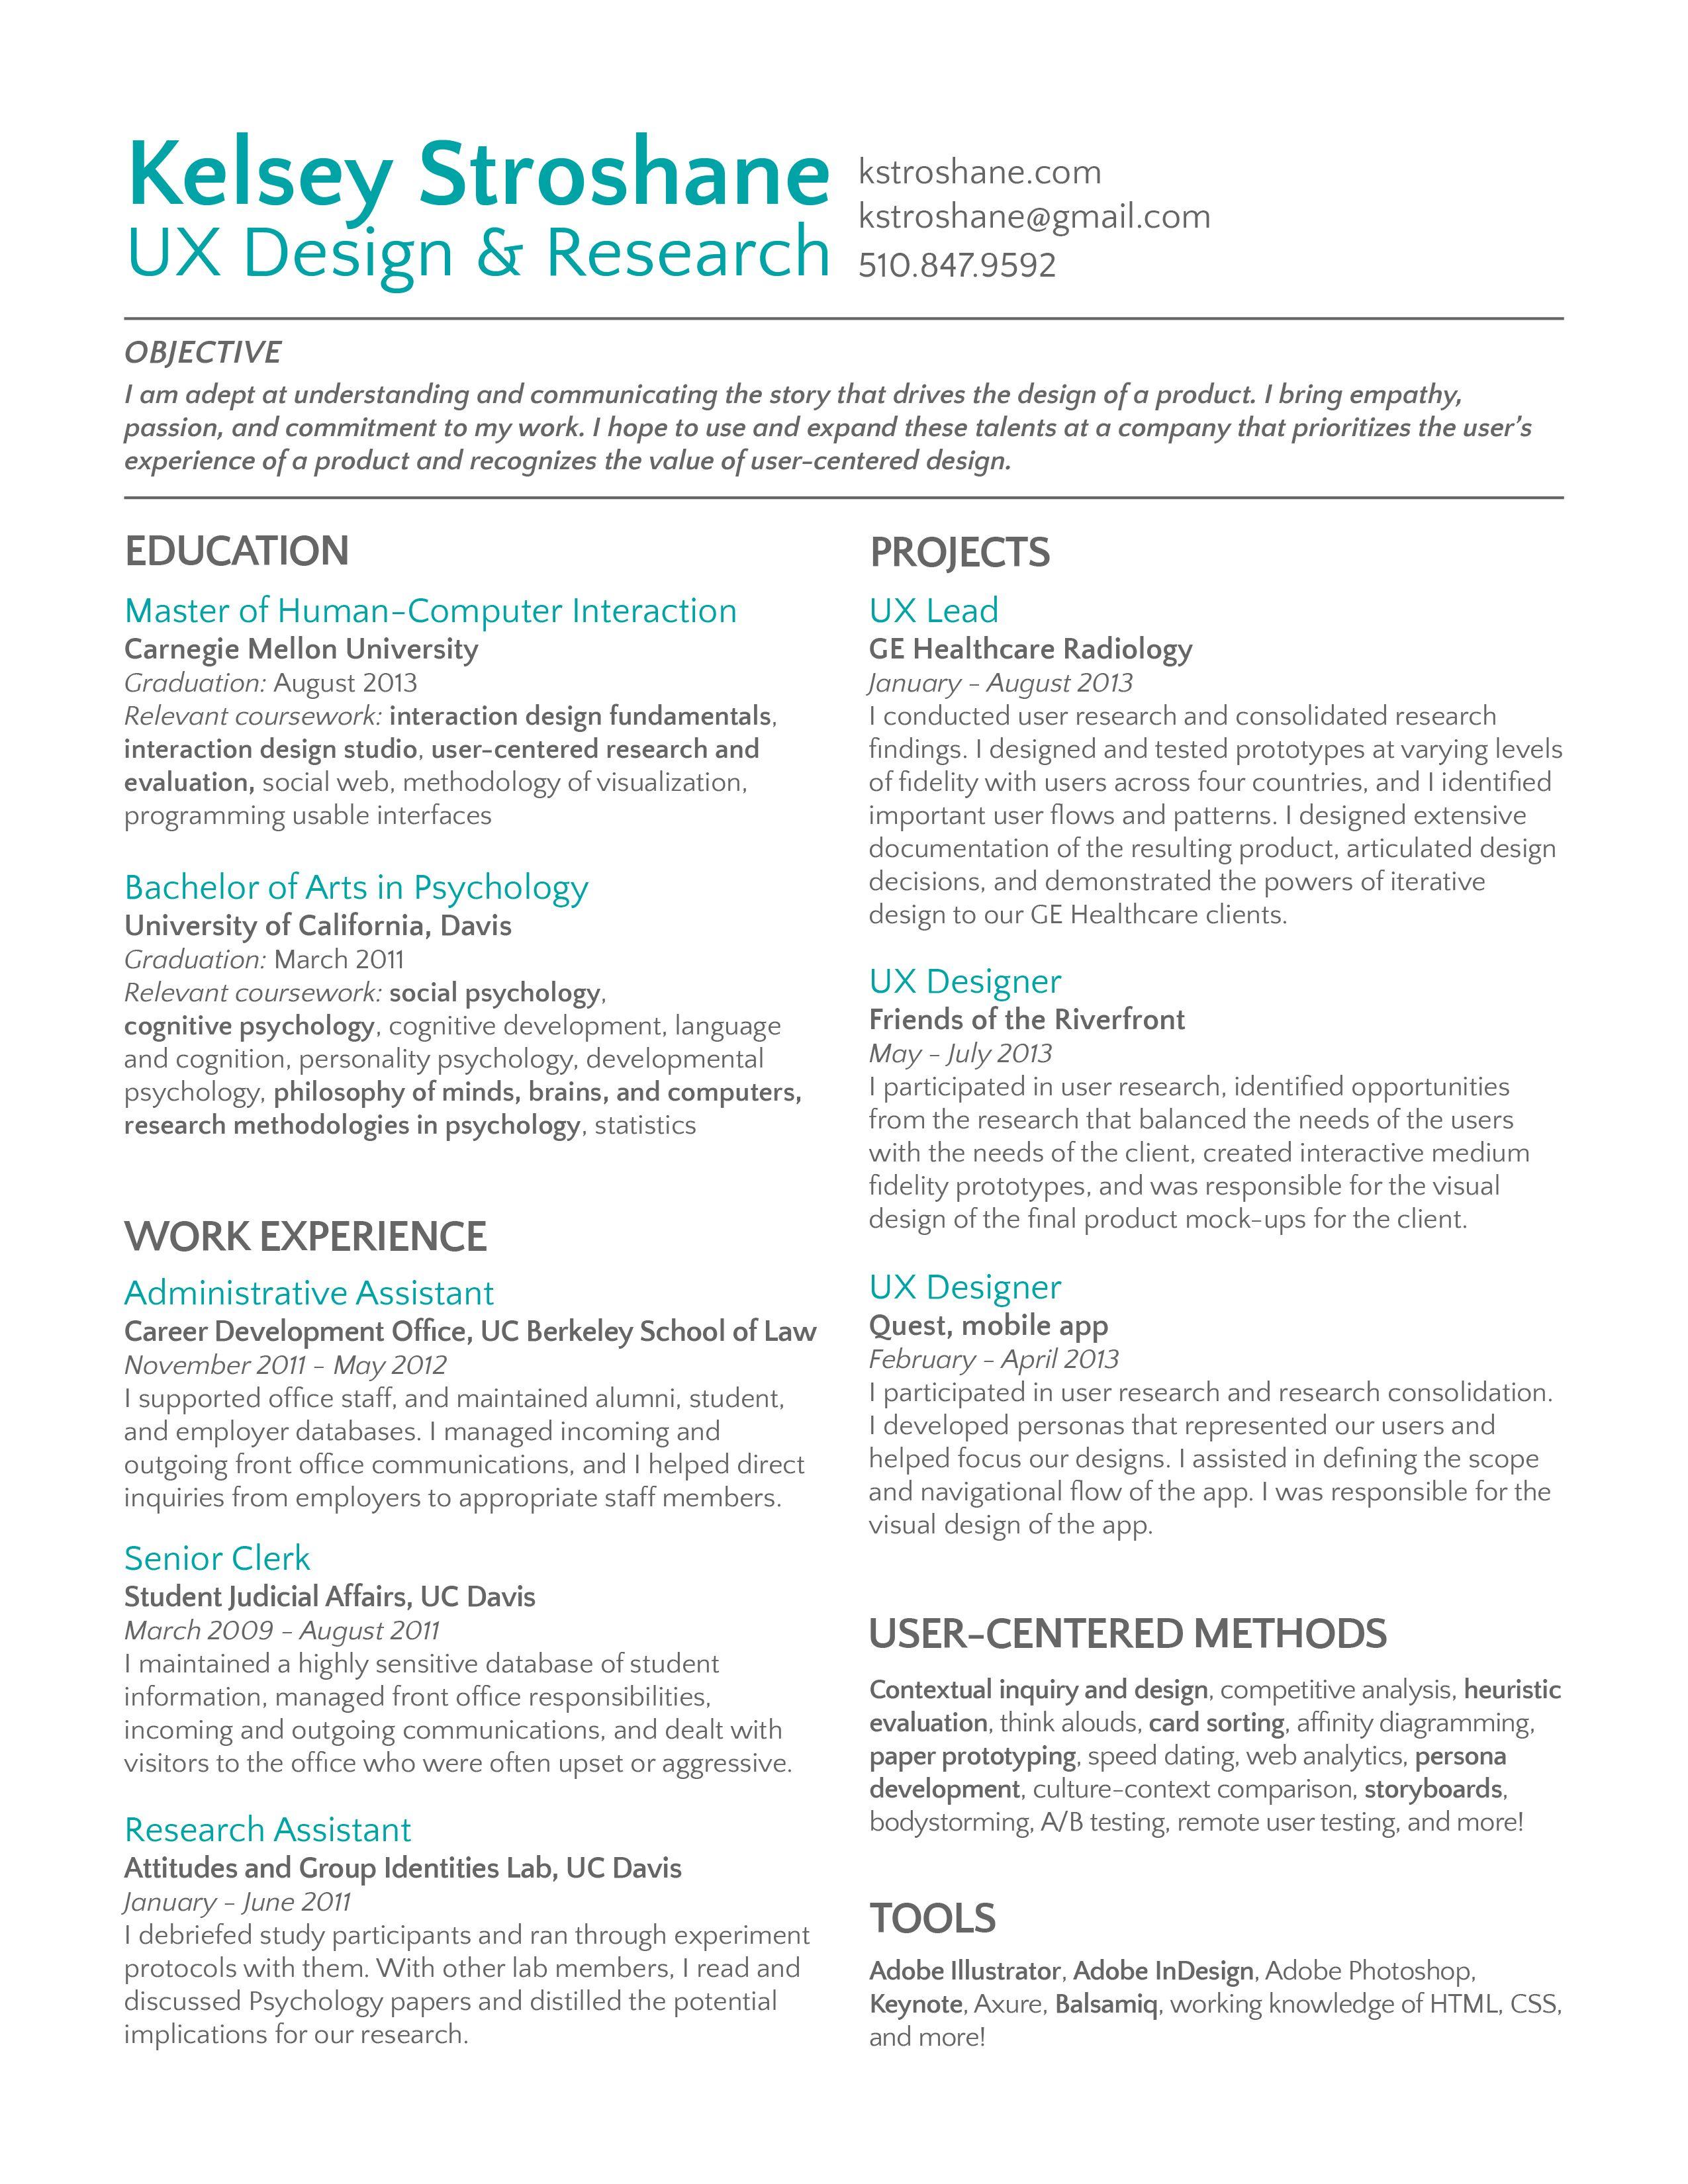 Resume Design Graphic Design Resume Resume Design Template